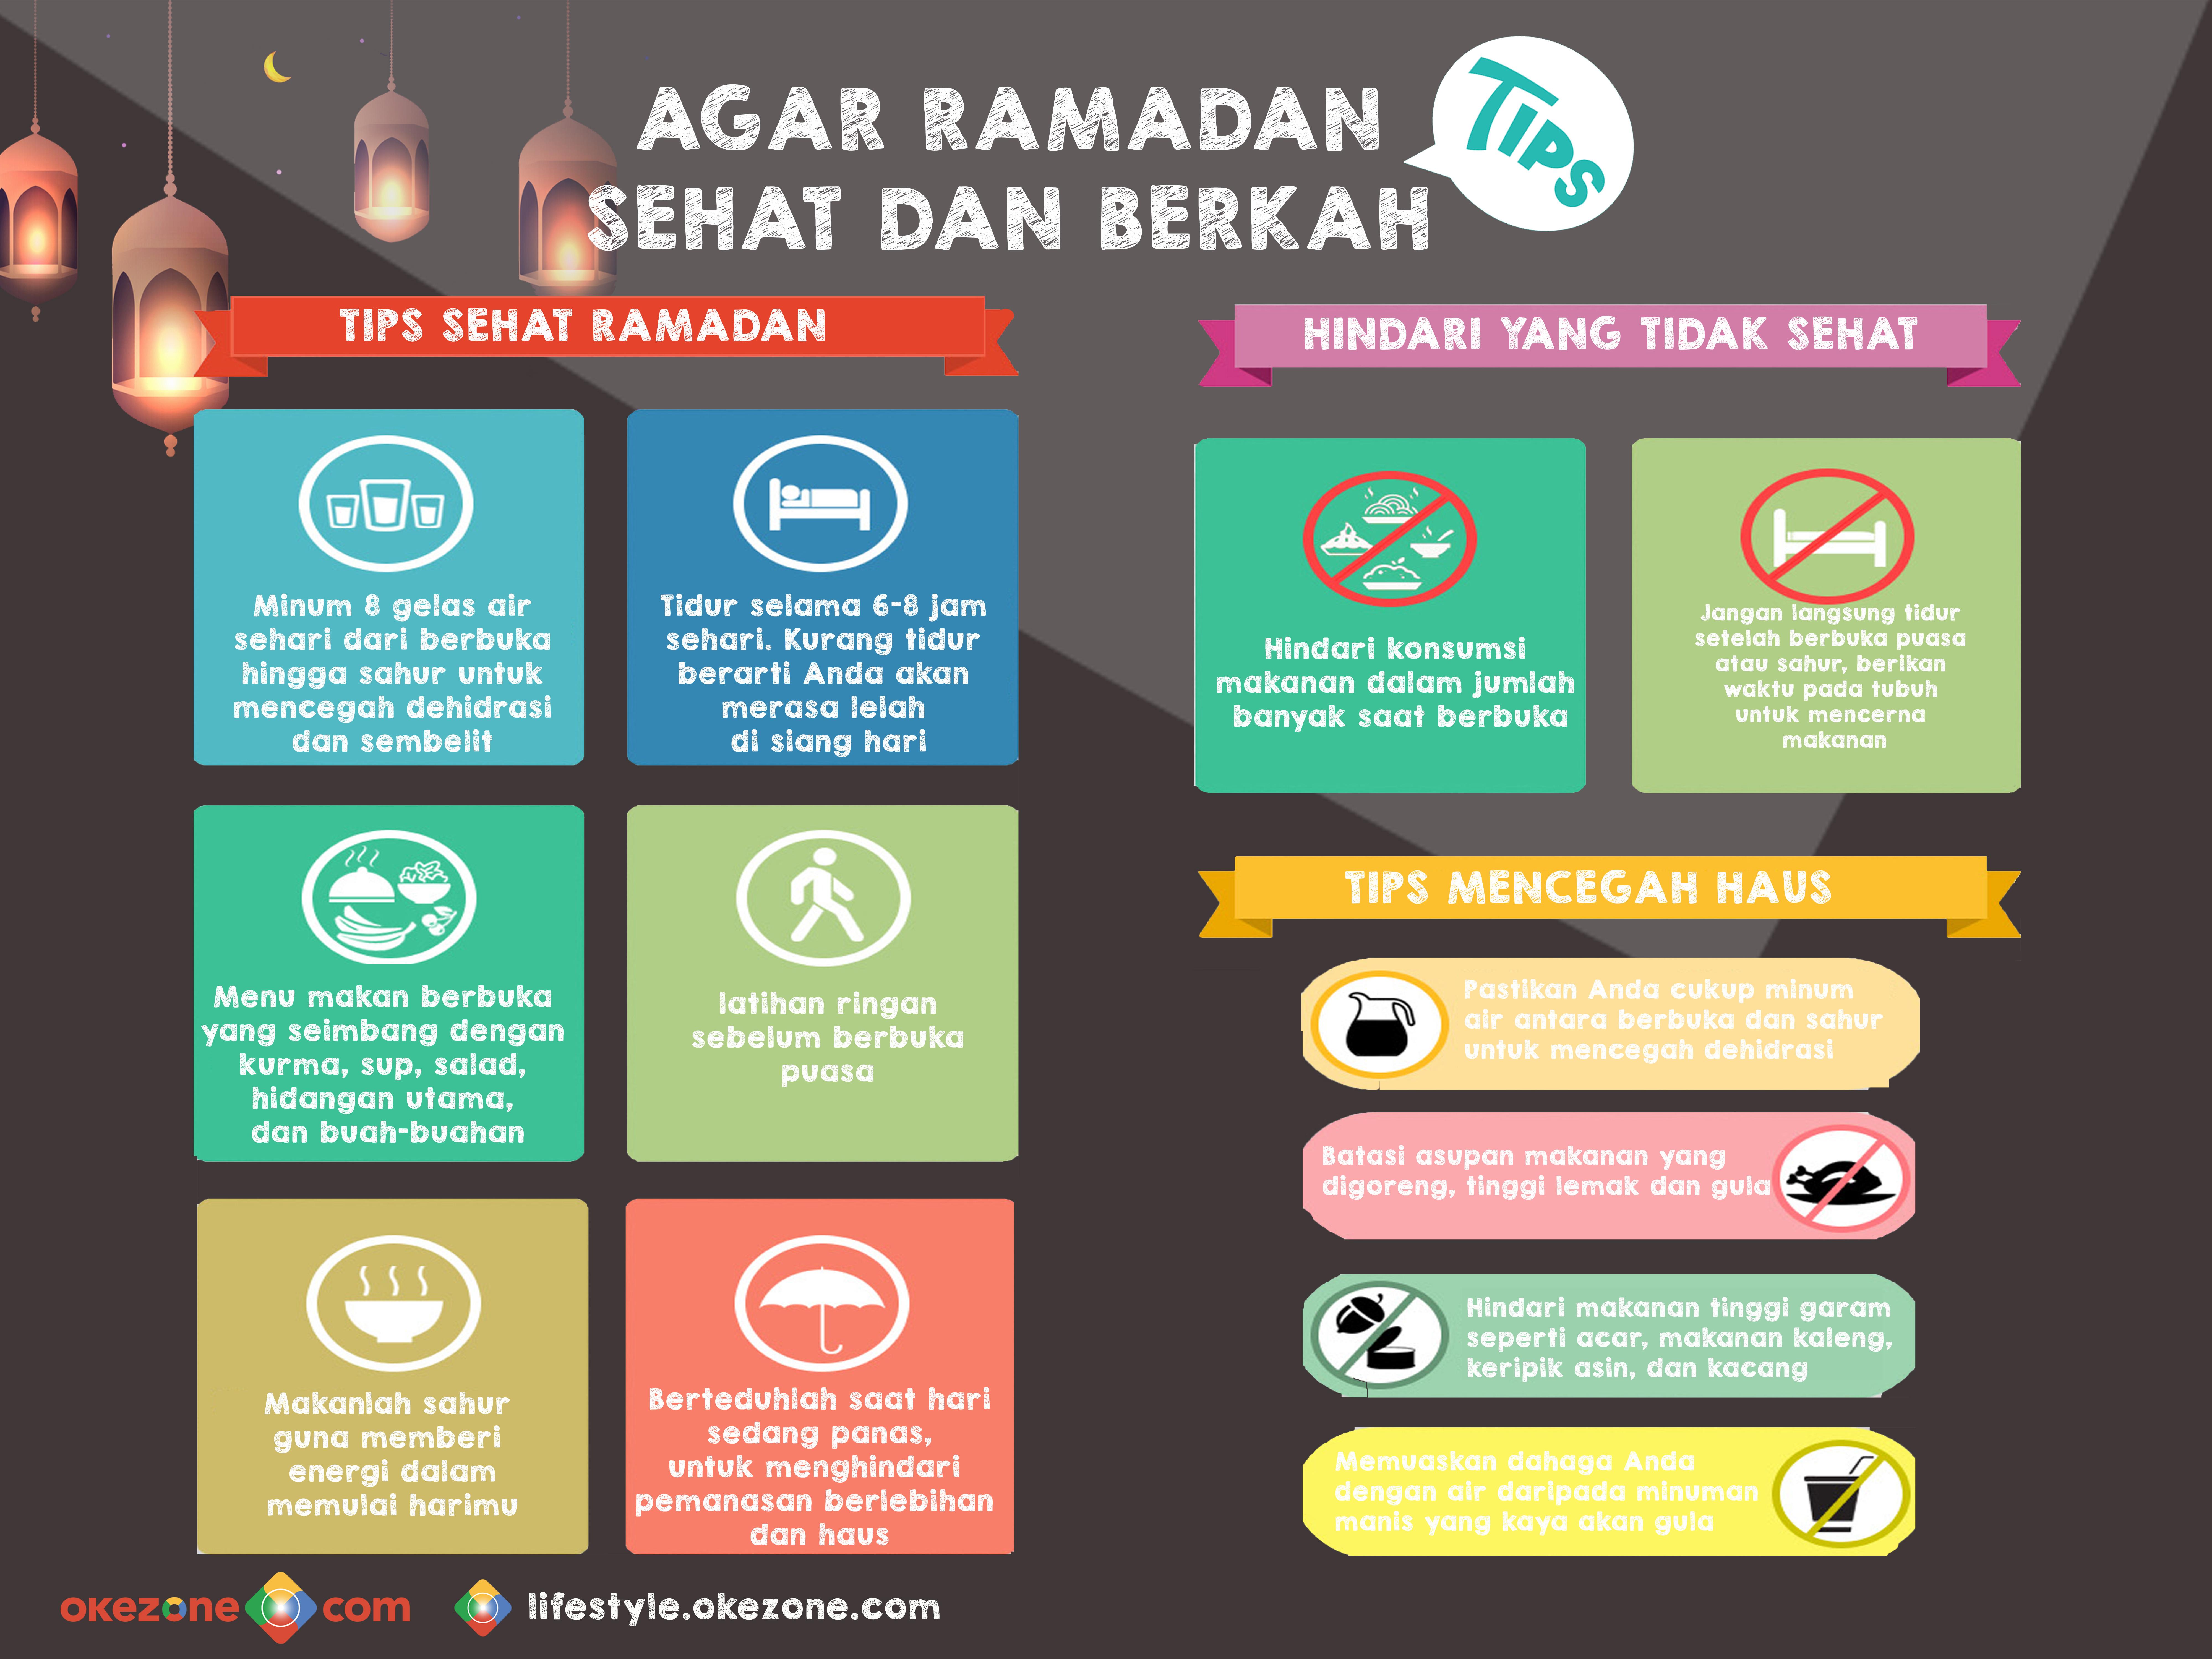 Tips Agar Ramadan Sehat & Berkah -